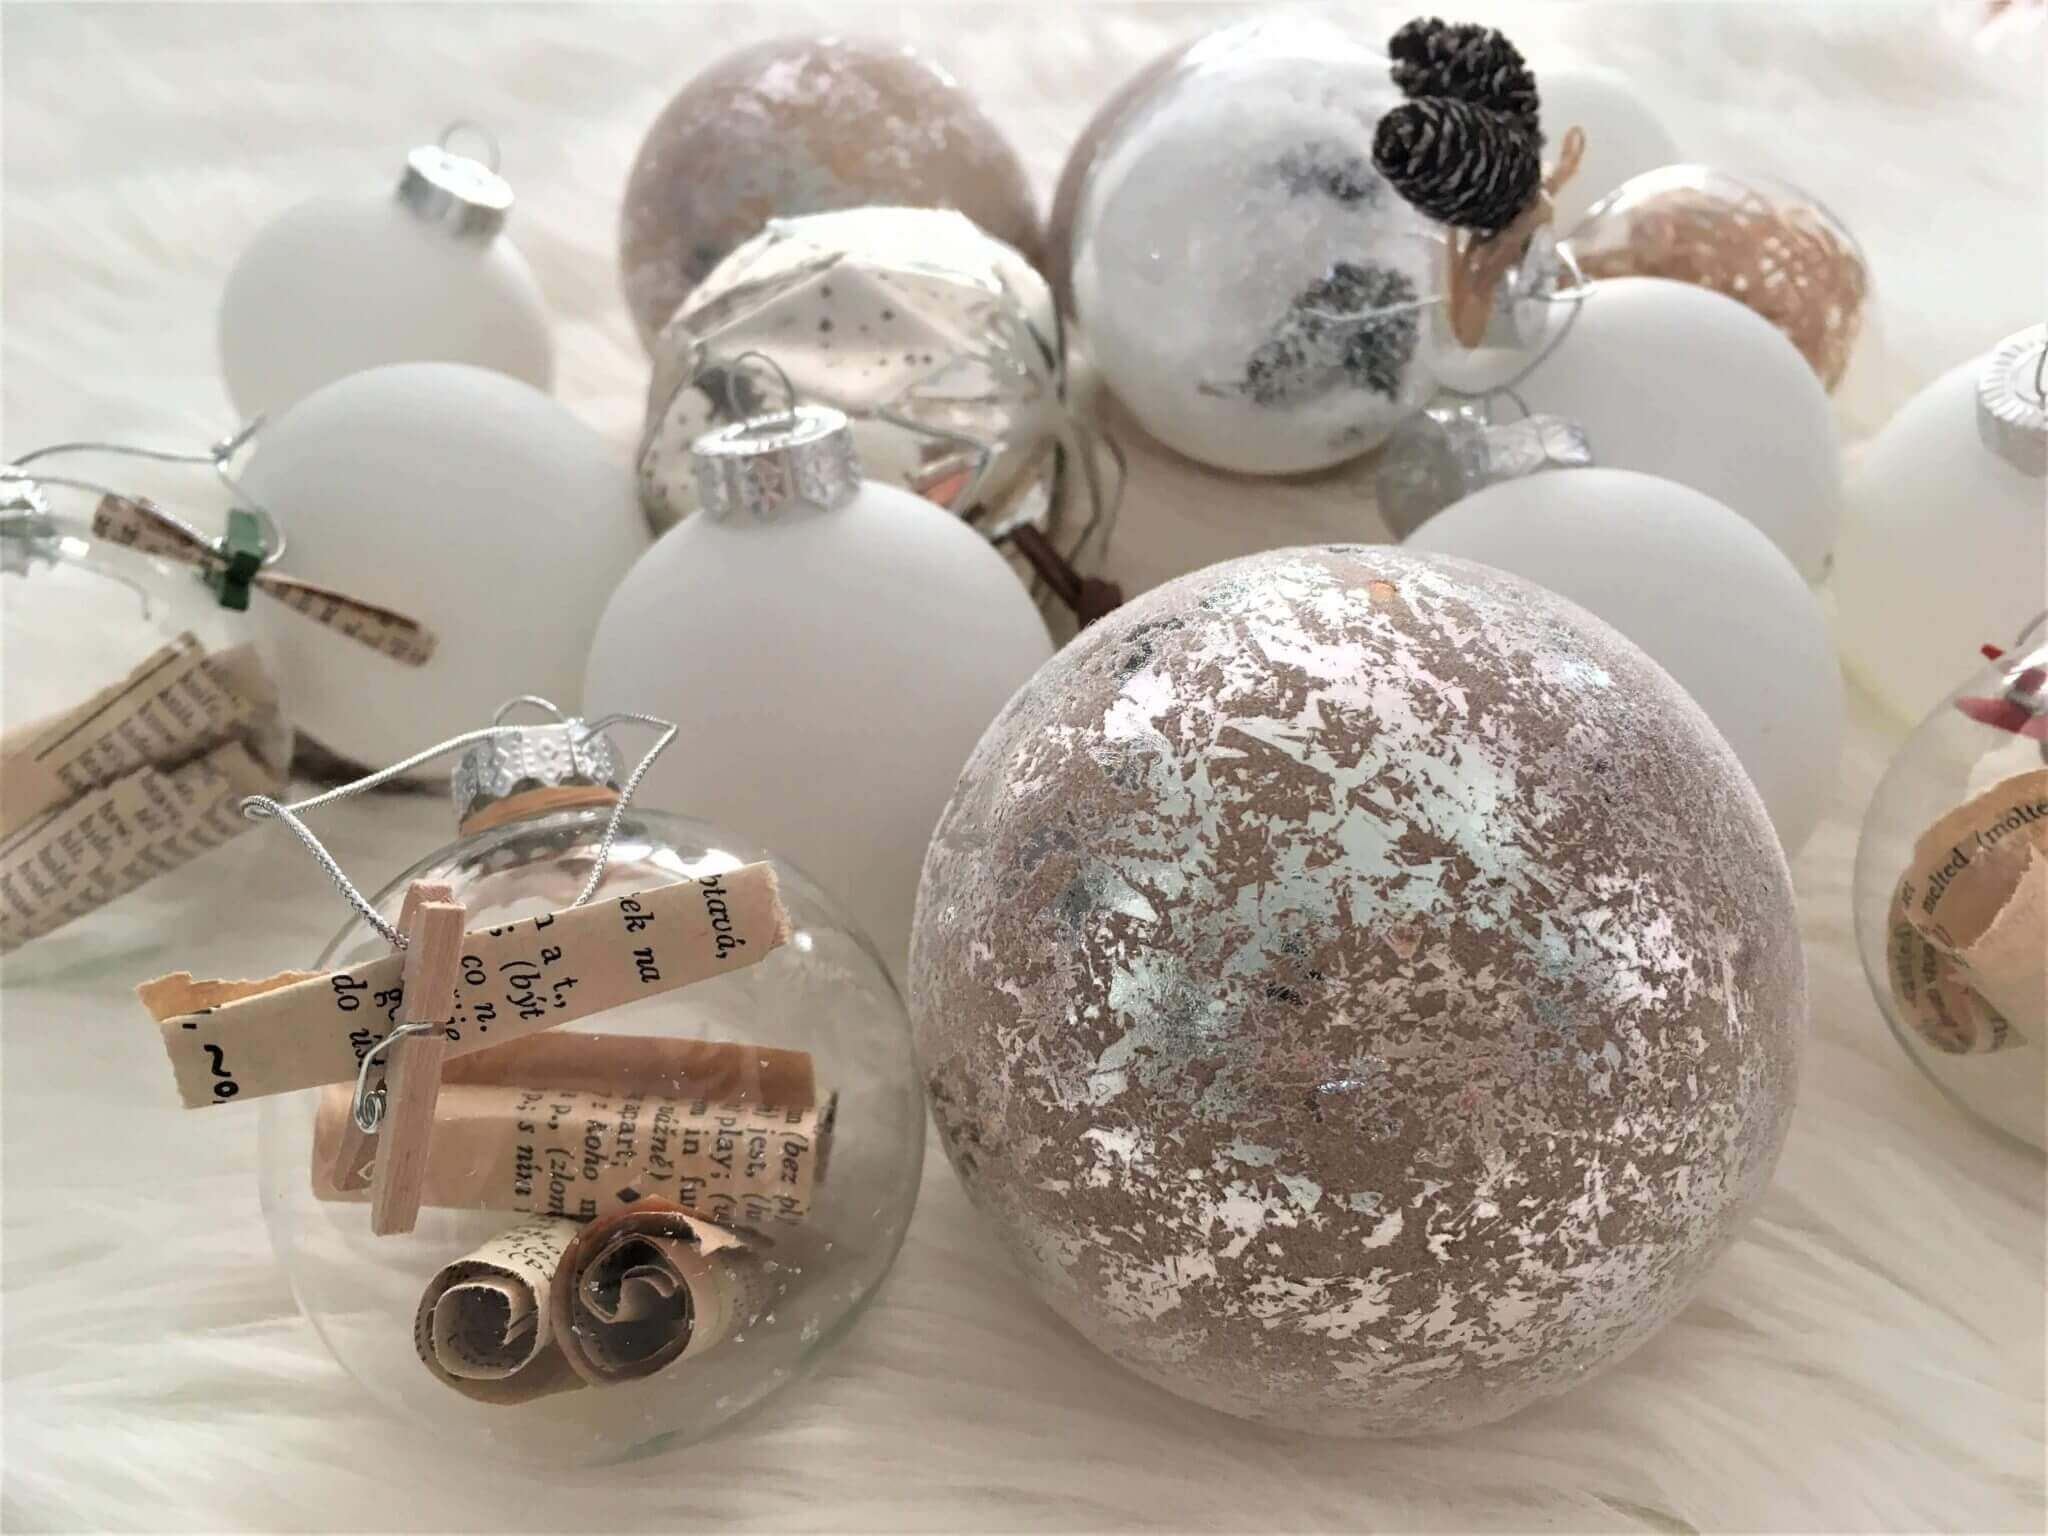 IMG 2416 2 - Es ist Zeit für Schmuck und Deko - Weil Weihnachten ist